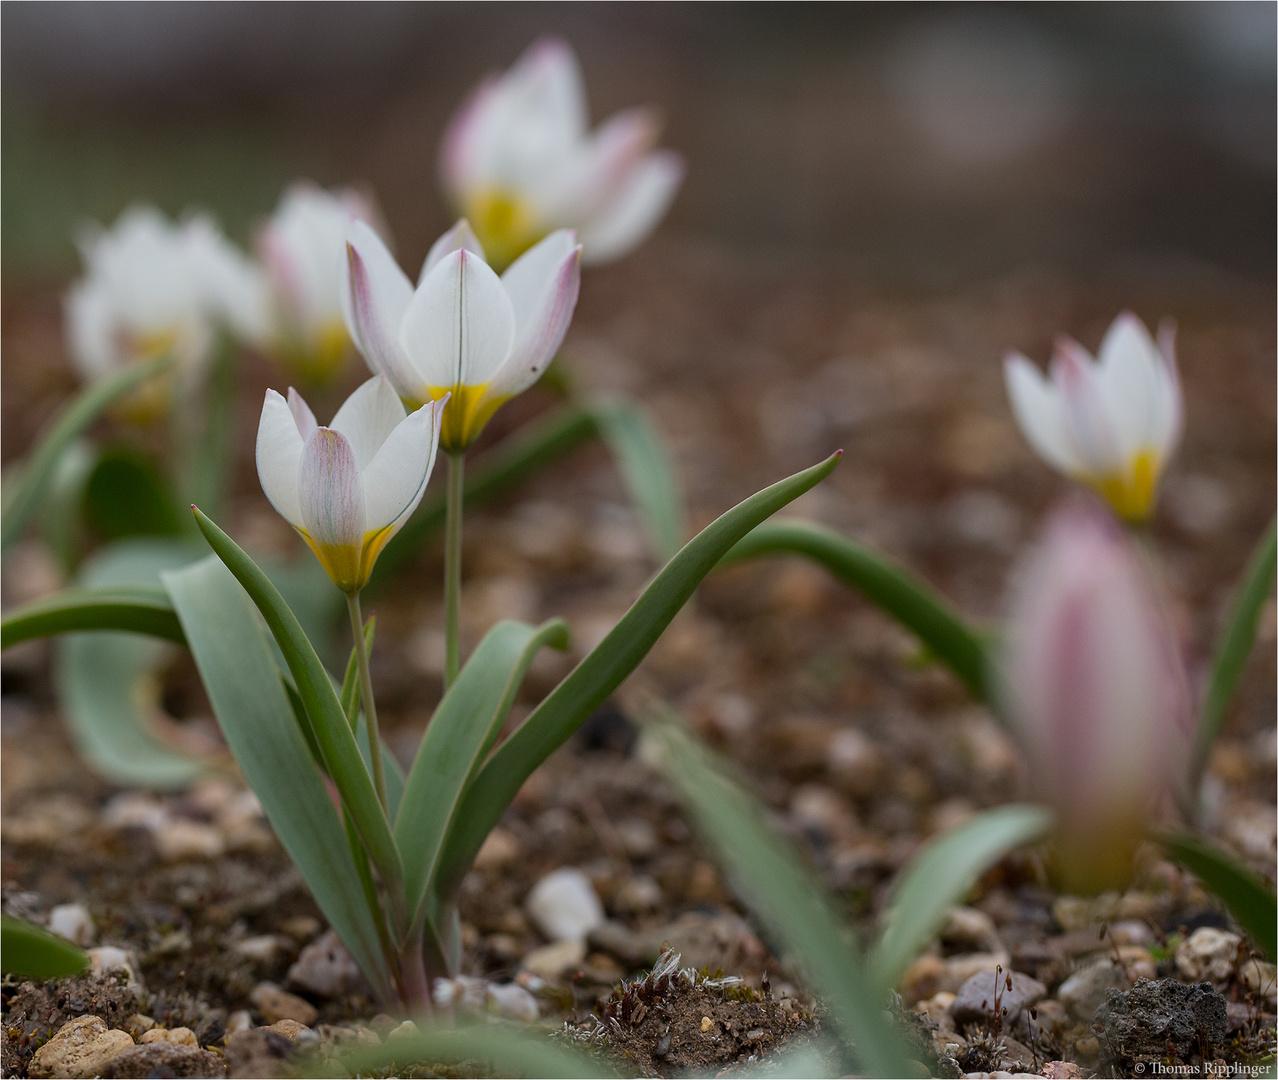 Mehrfarbige Tulpe (Tulipa polychroma)